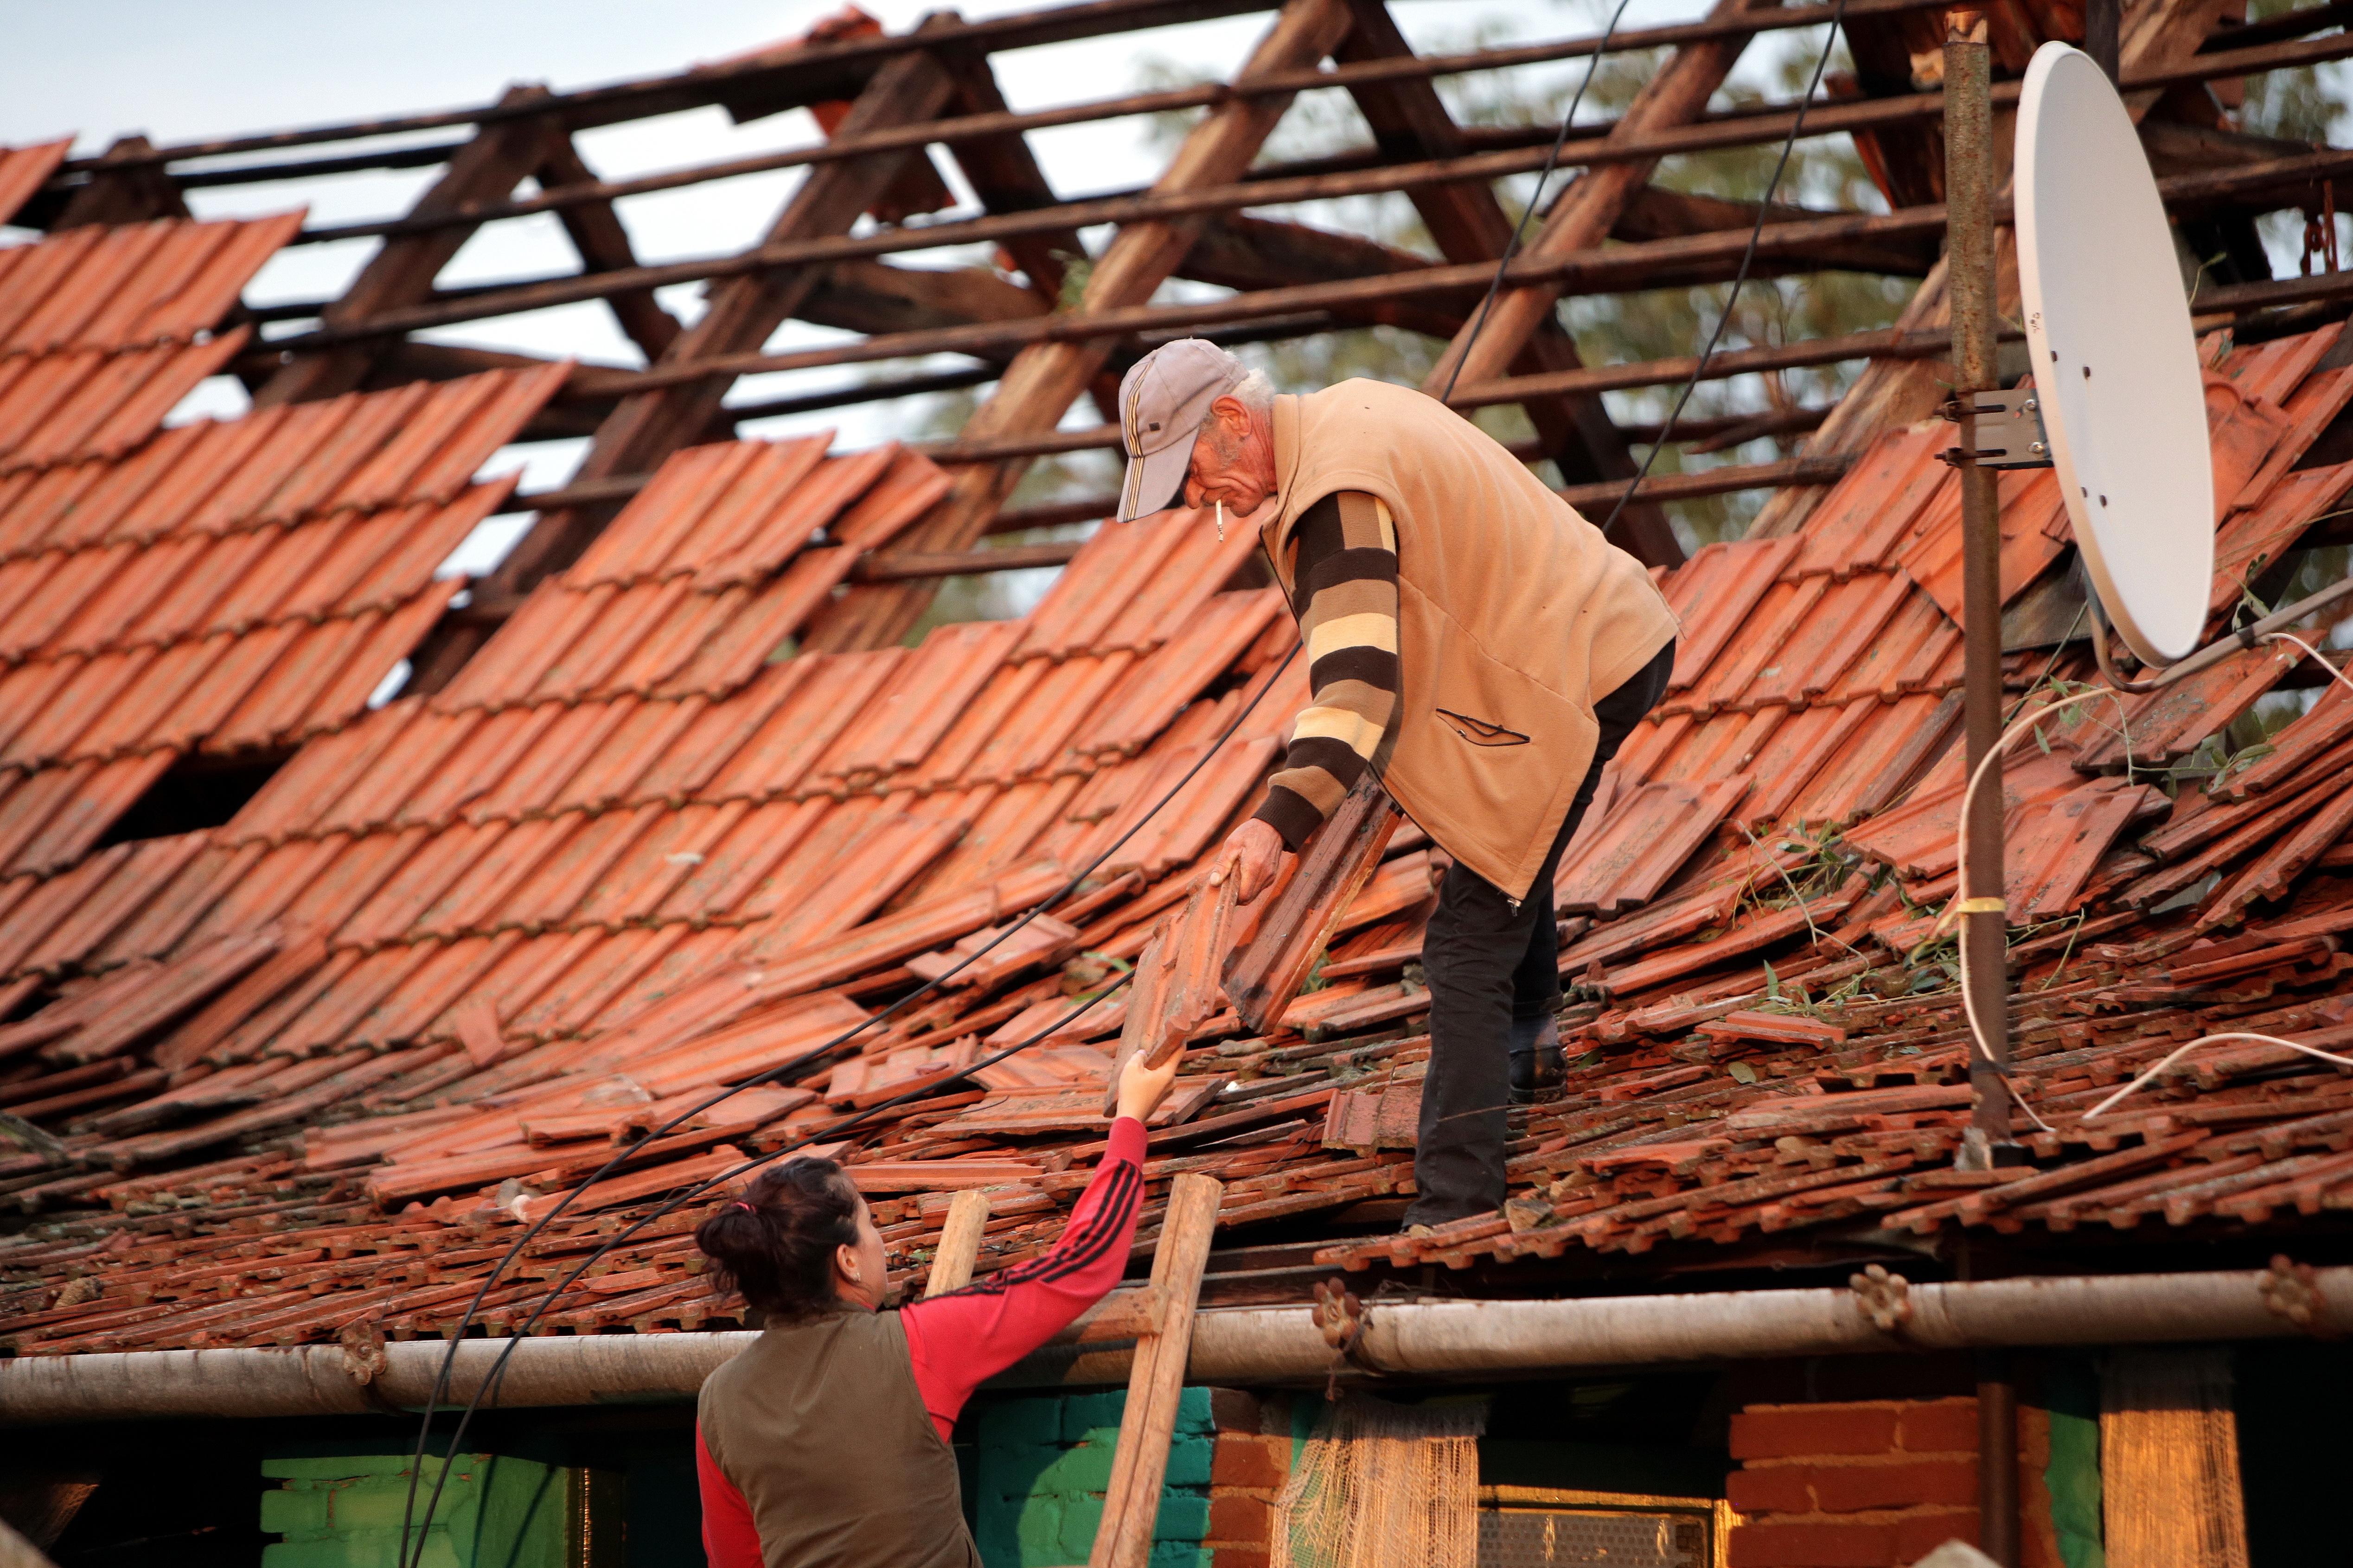 Furtună puternică în Arad: Incendiu, sute de case fără curent electric, mai mulţi copaci rupţi şi maşini avariate